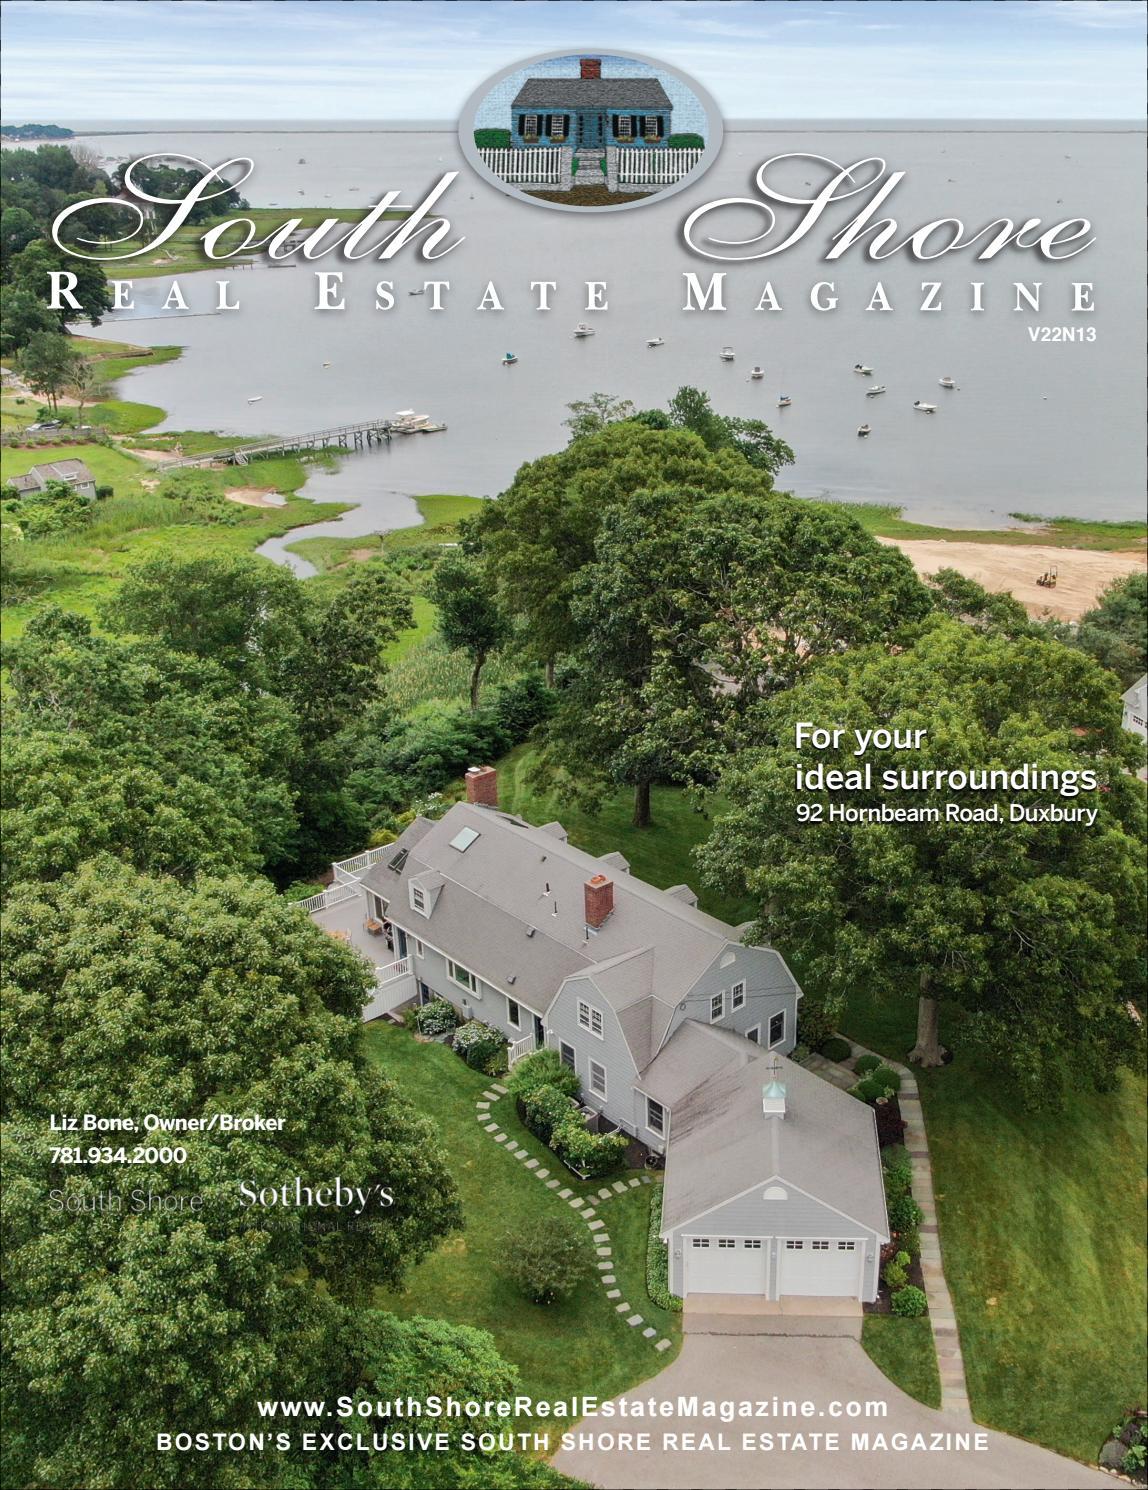 South Shore Real Estate - Home - Facebook